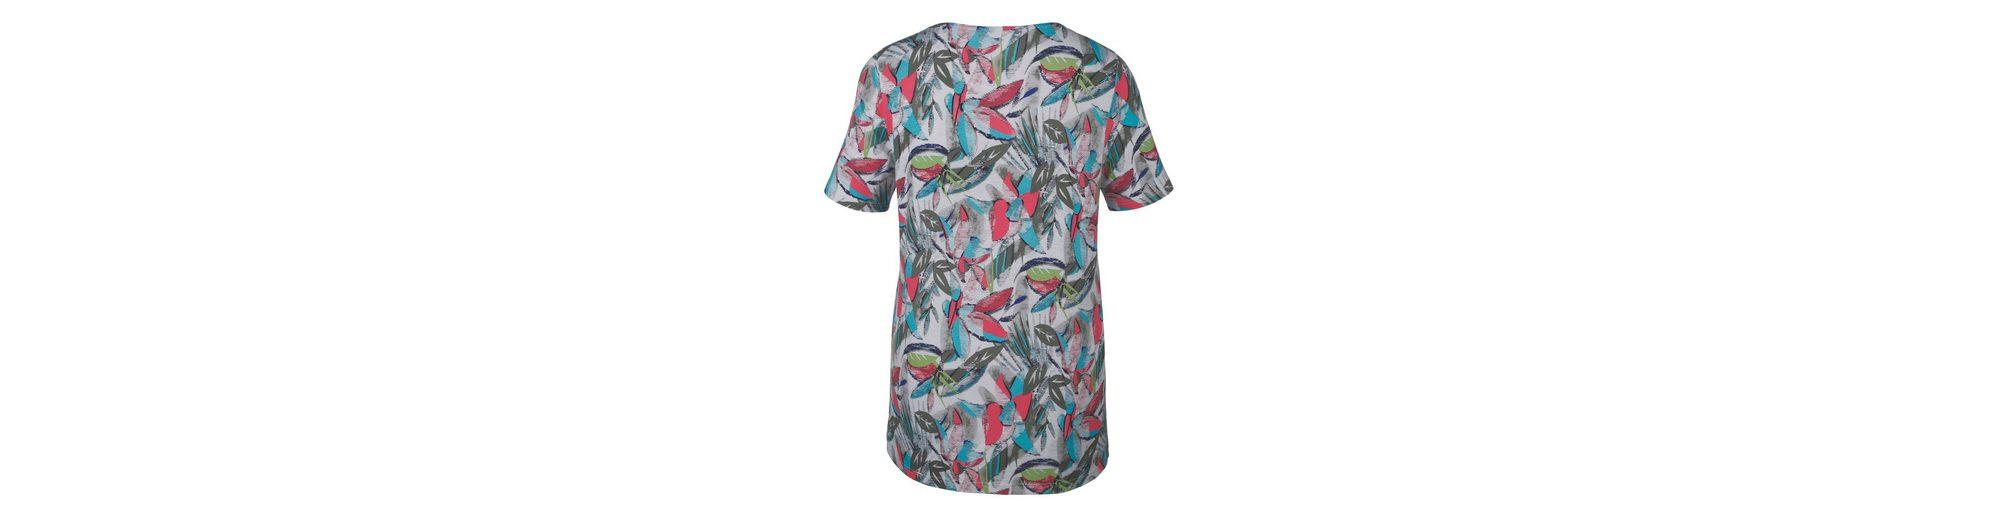 MIAMODA Shirt mit buntem Blätterdruck-Muster Rabatt Veröffentlichungstermine Sonnenschein 8sJXywa4